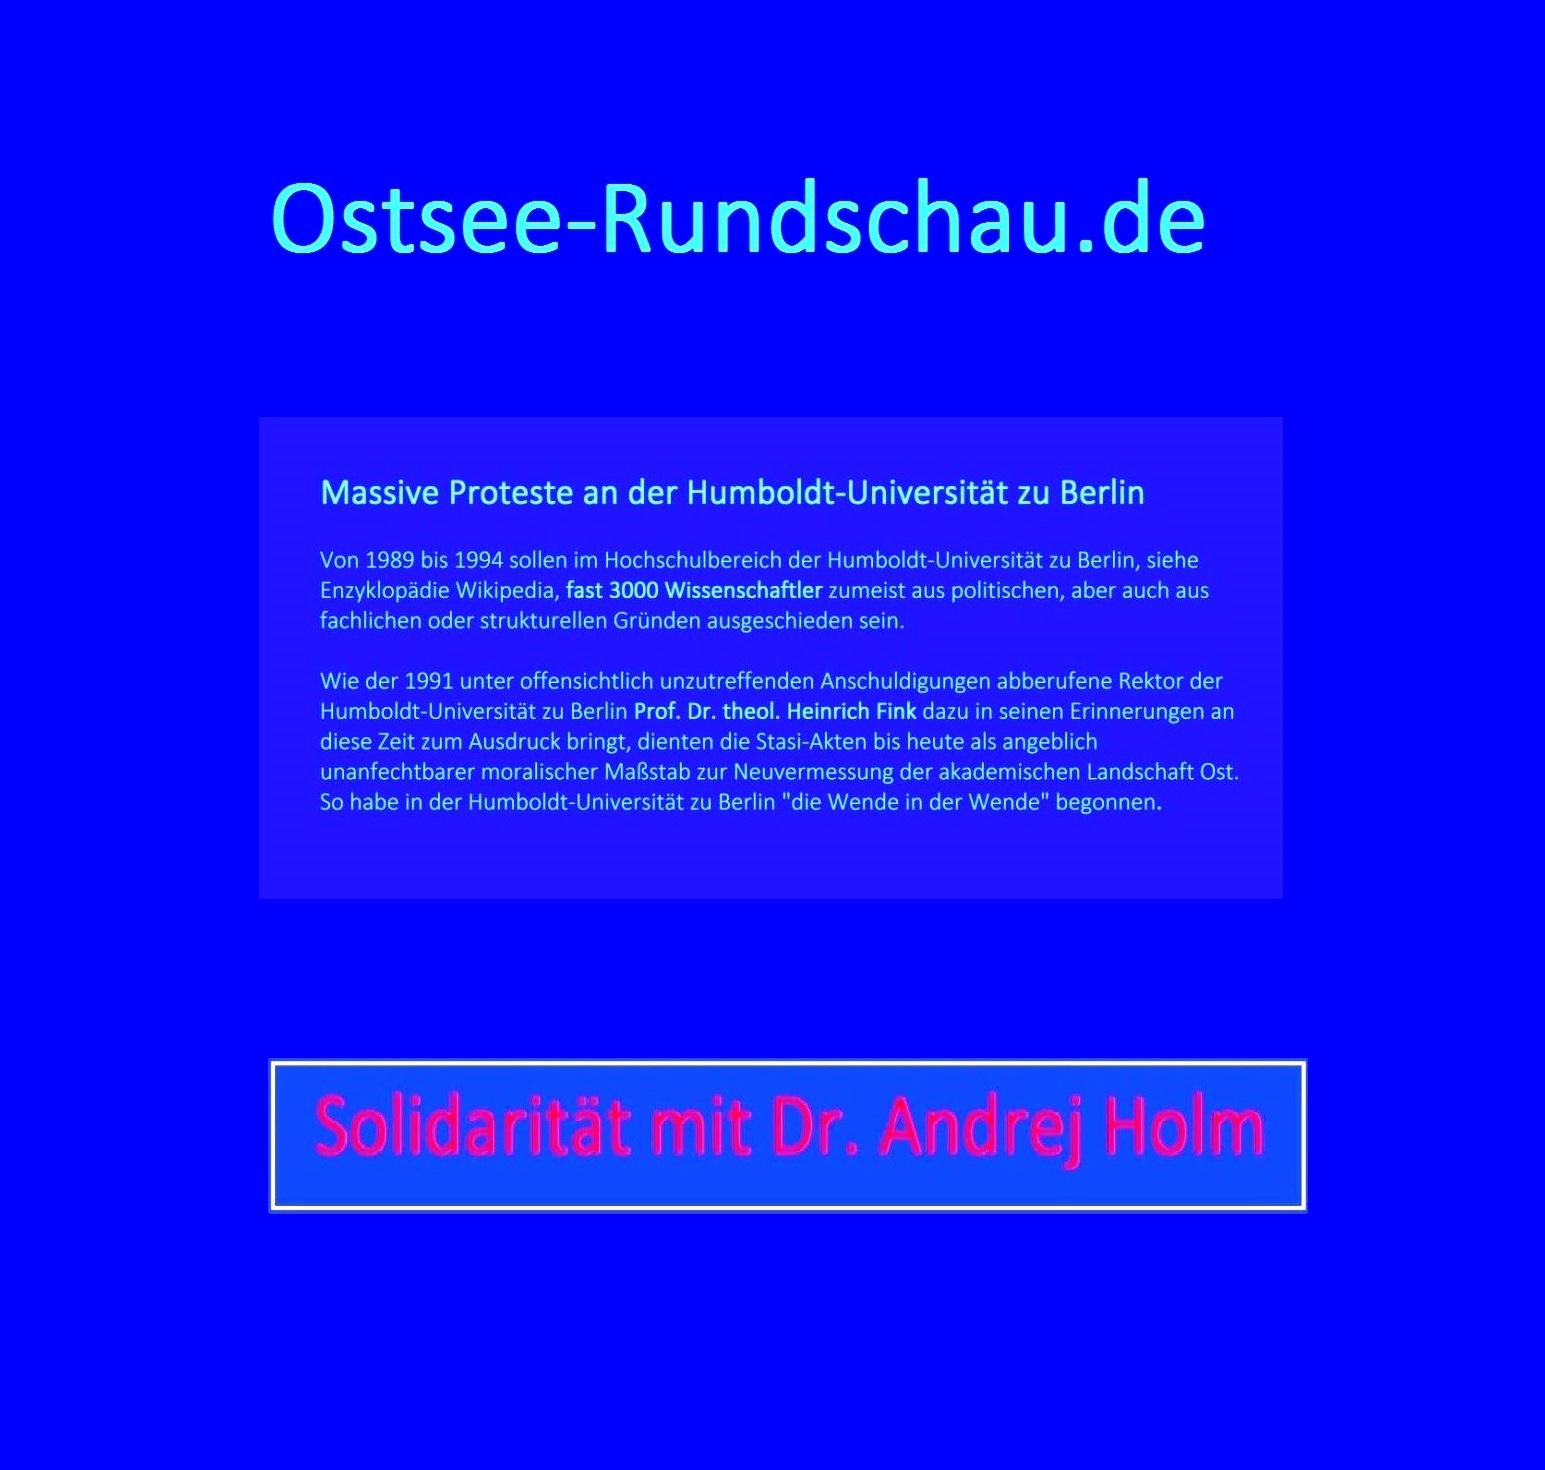 Solidaritätsseite für den Sozialwissenschaftler Dr. Andrej Holm, Institut für Sozialwissenschaften der Humboldt-Universität zu Berlin - Ostsee-Rundschau.de